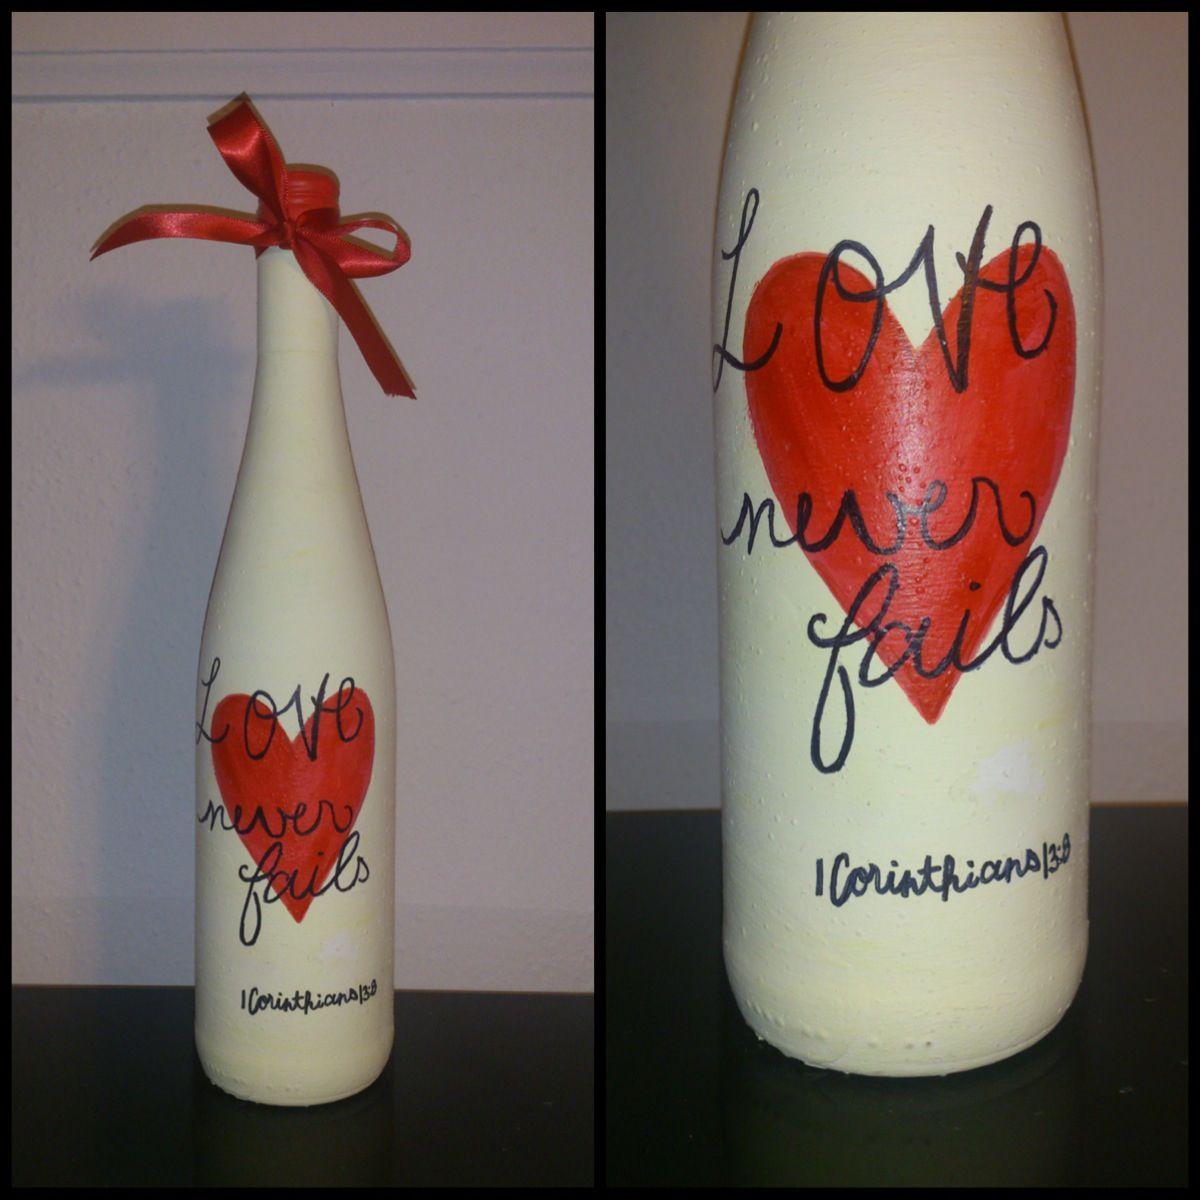 Diy Painted Wine Bottle With Bible Verse 1 Corinthians 13 8 Love Never Fails Painted Wine Bottles Burlap Mason Jars Wine Bottle